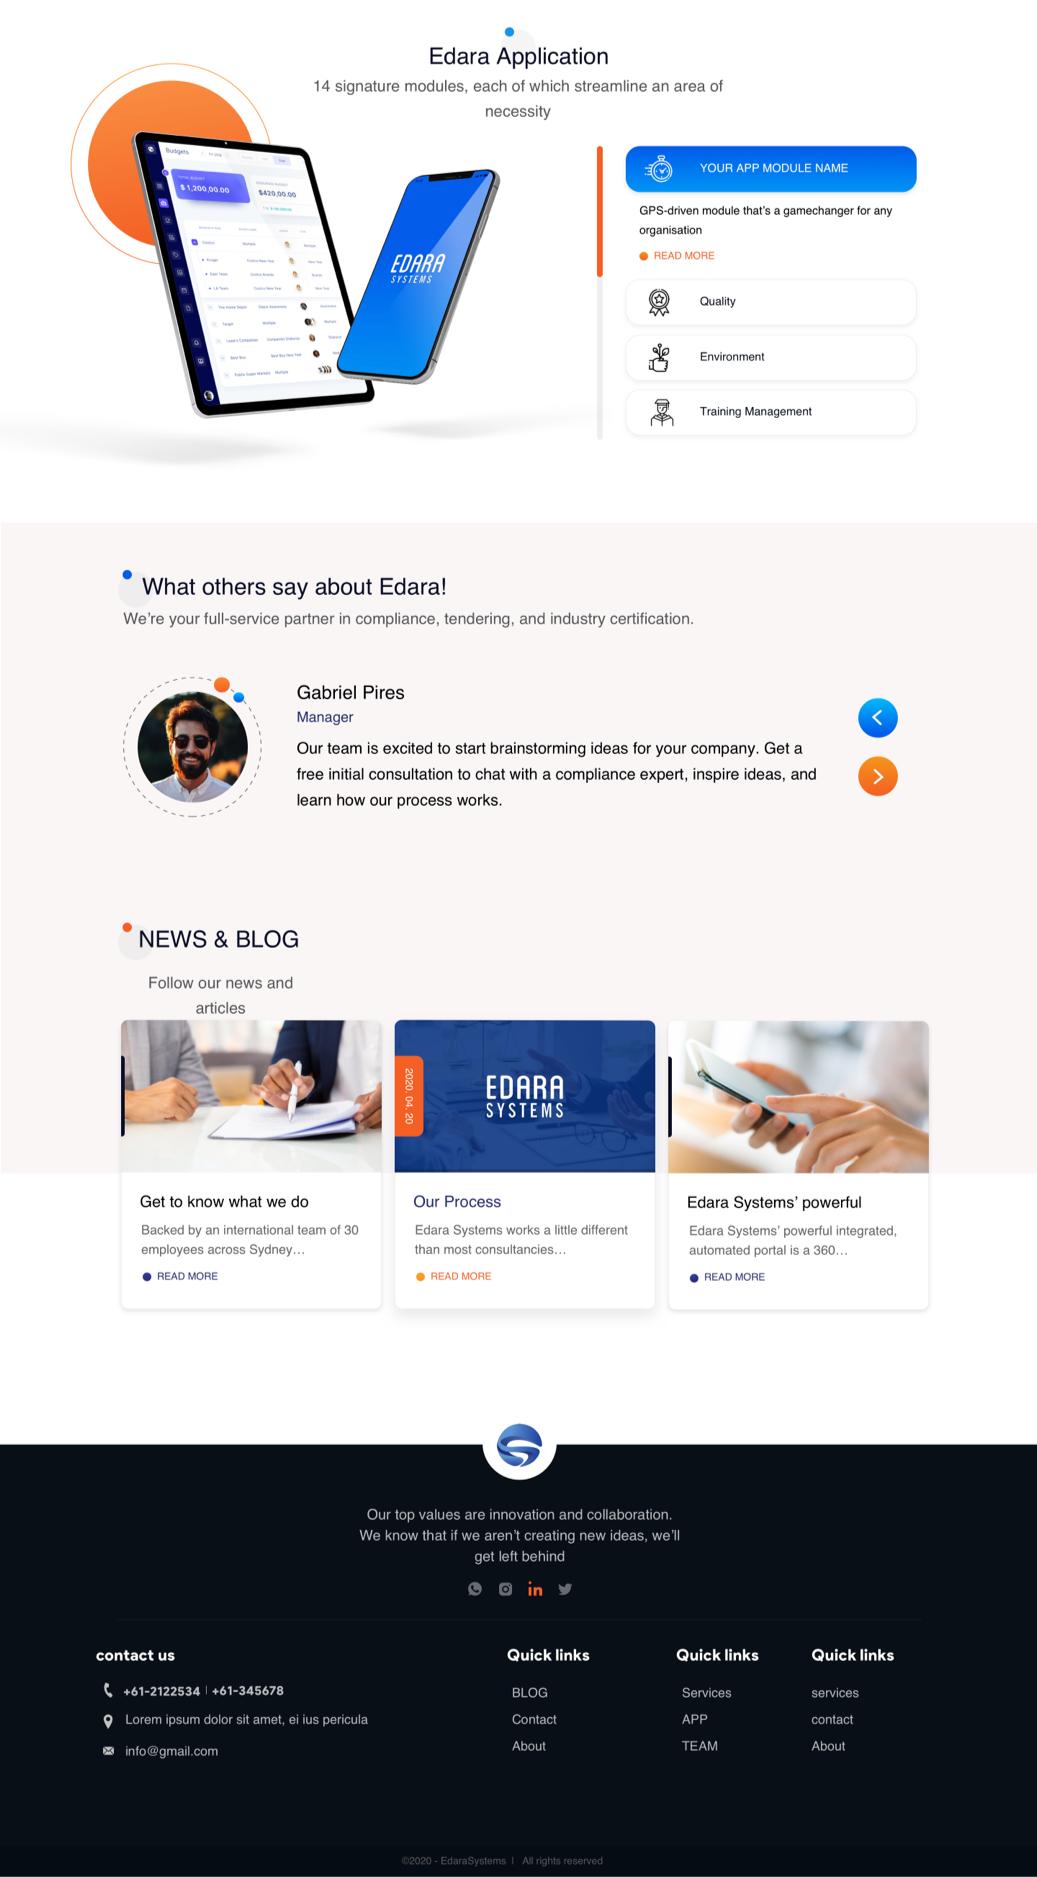 سایت اِدارا || طراحی شده توسط آژانس خلاقیت وبسیما